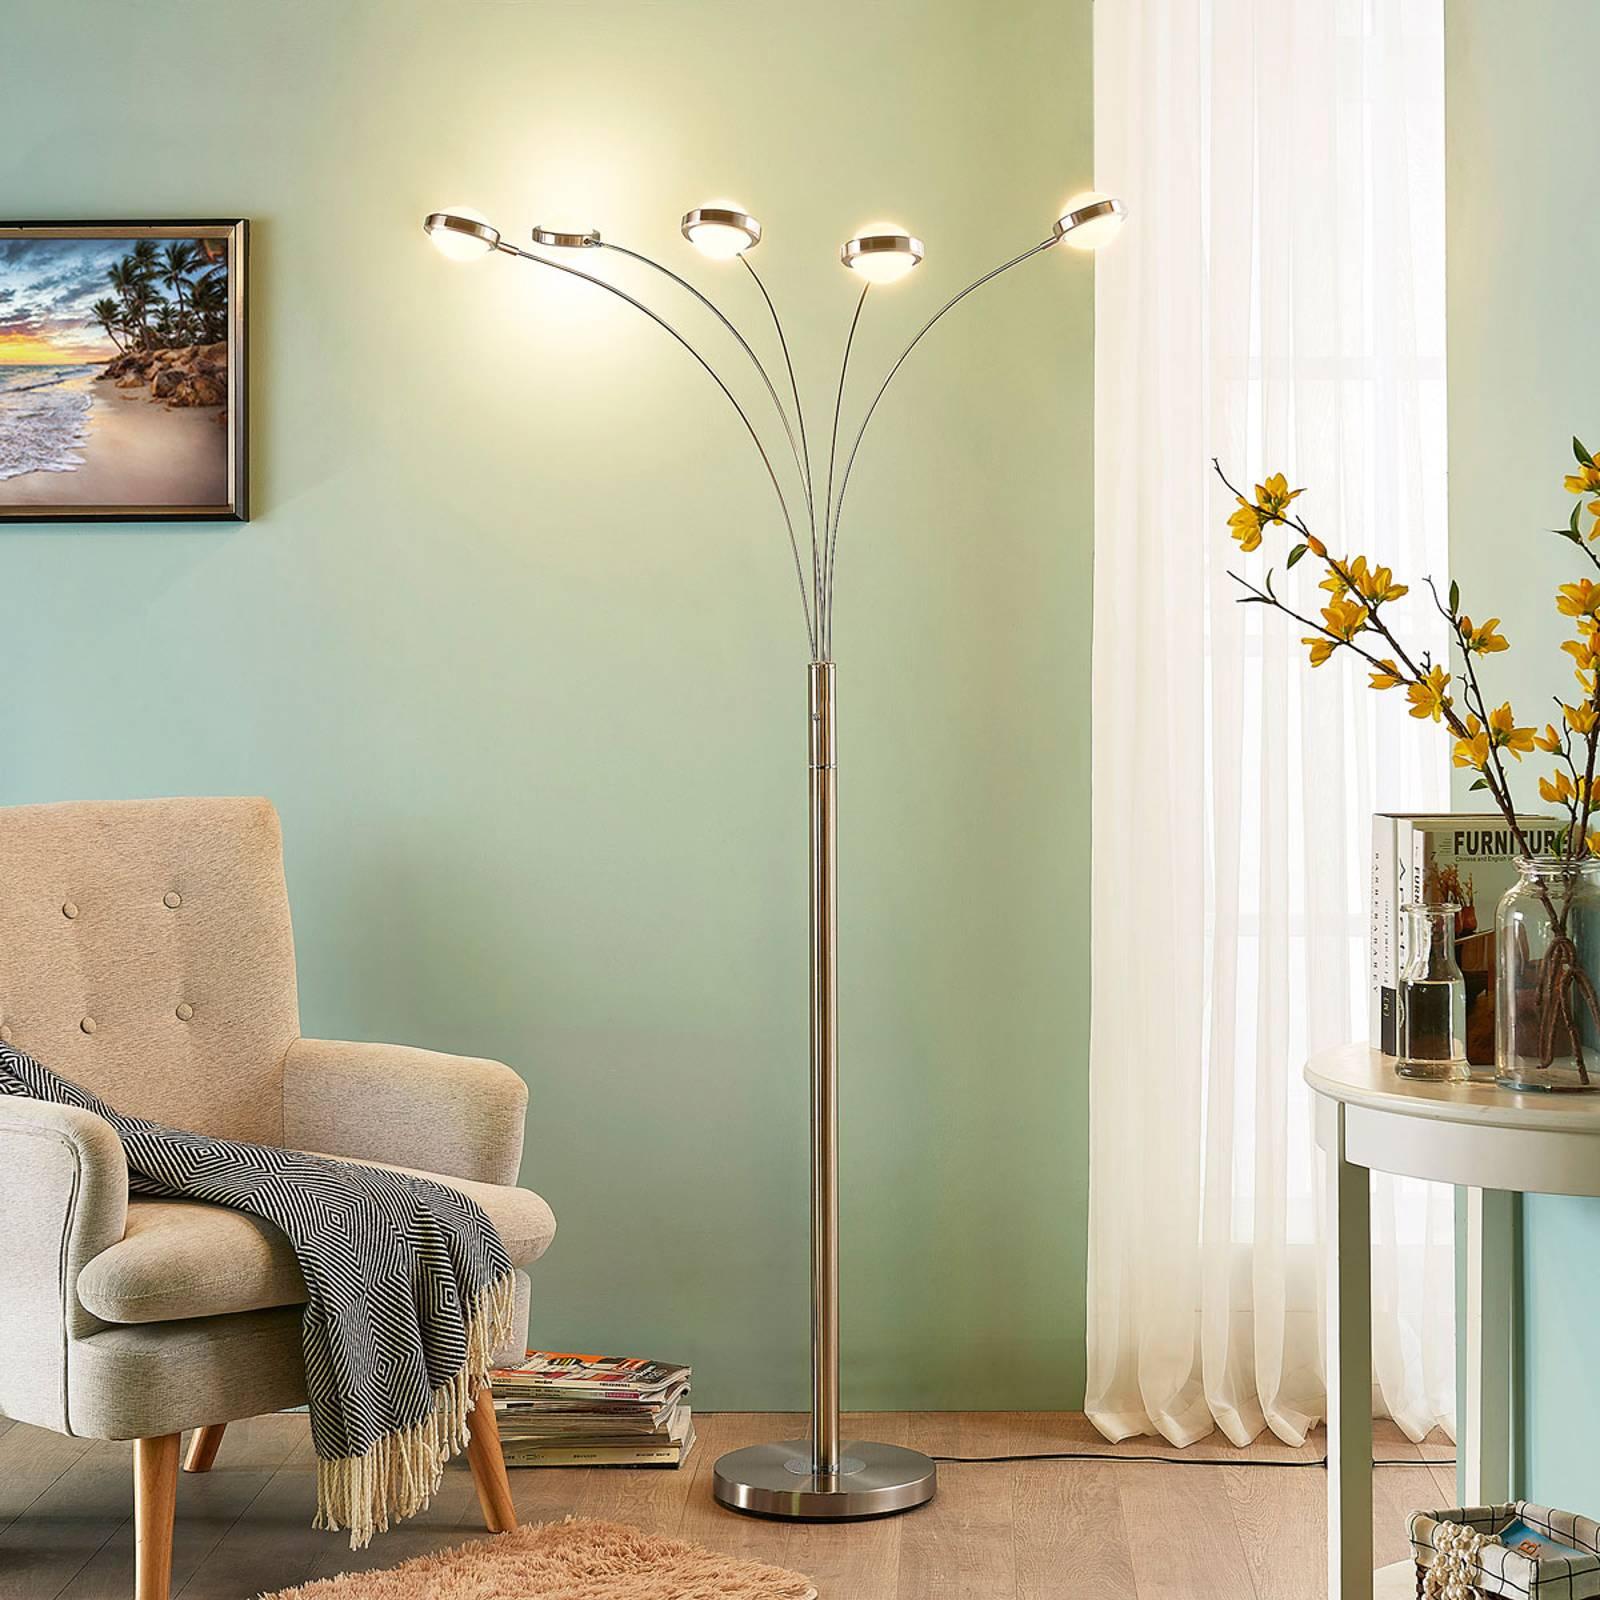 LED vloerlamp Catriona met dimmer, 5-lamps